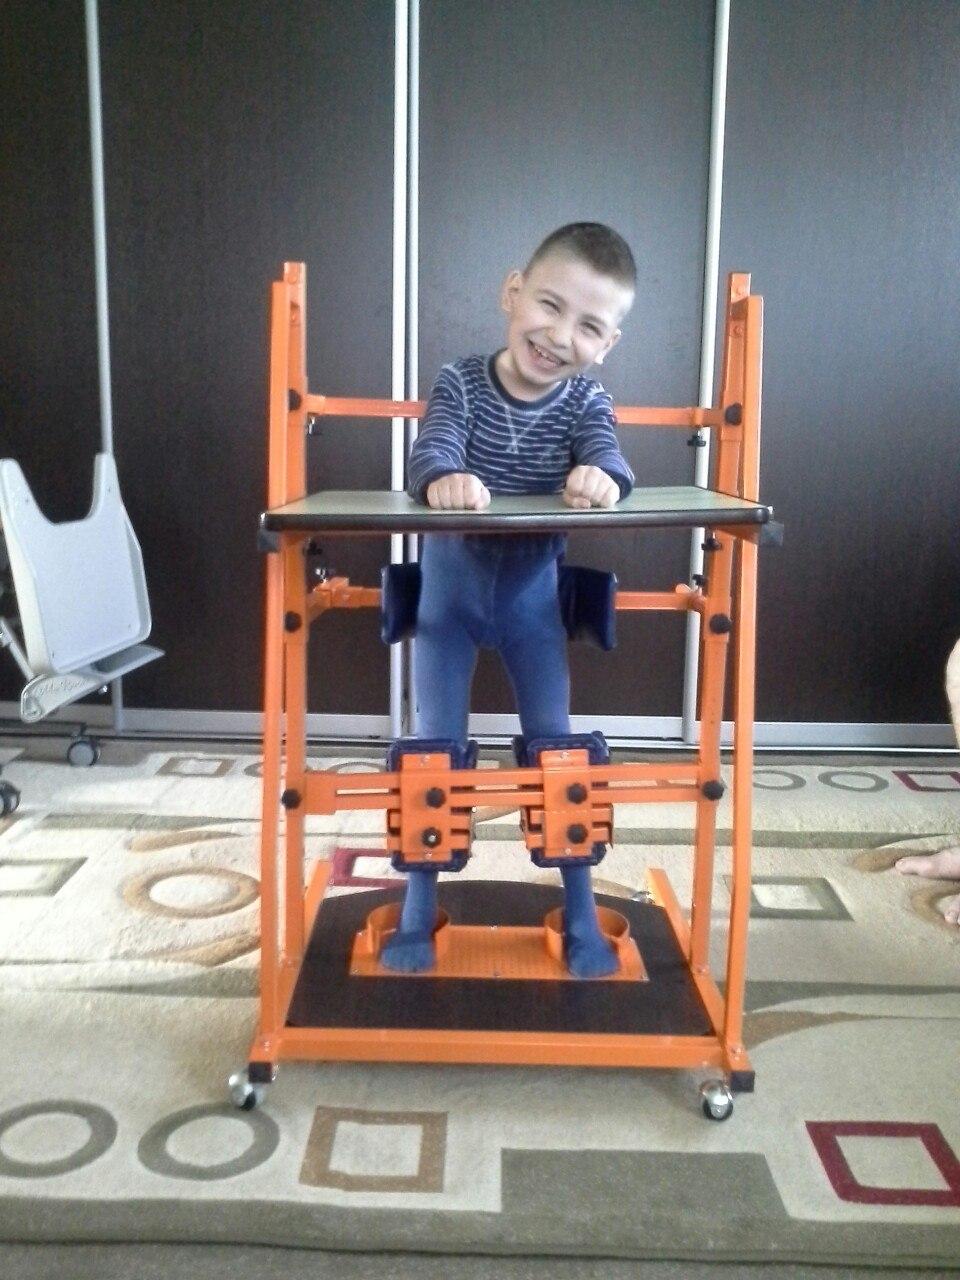 Габдельхаков Фидарис фото с вертикализатором